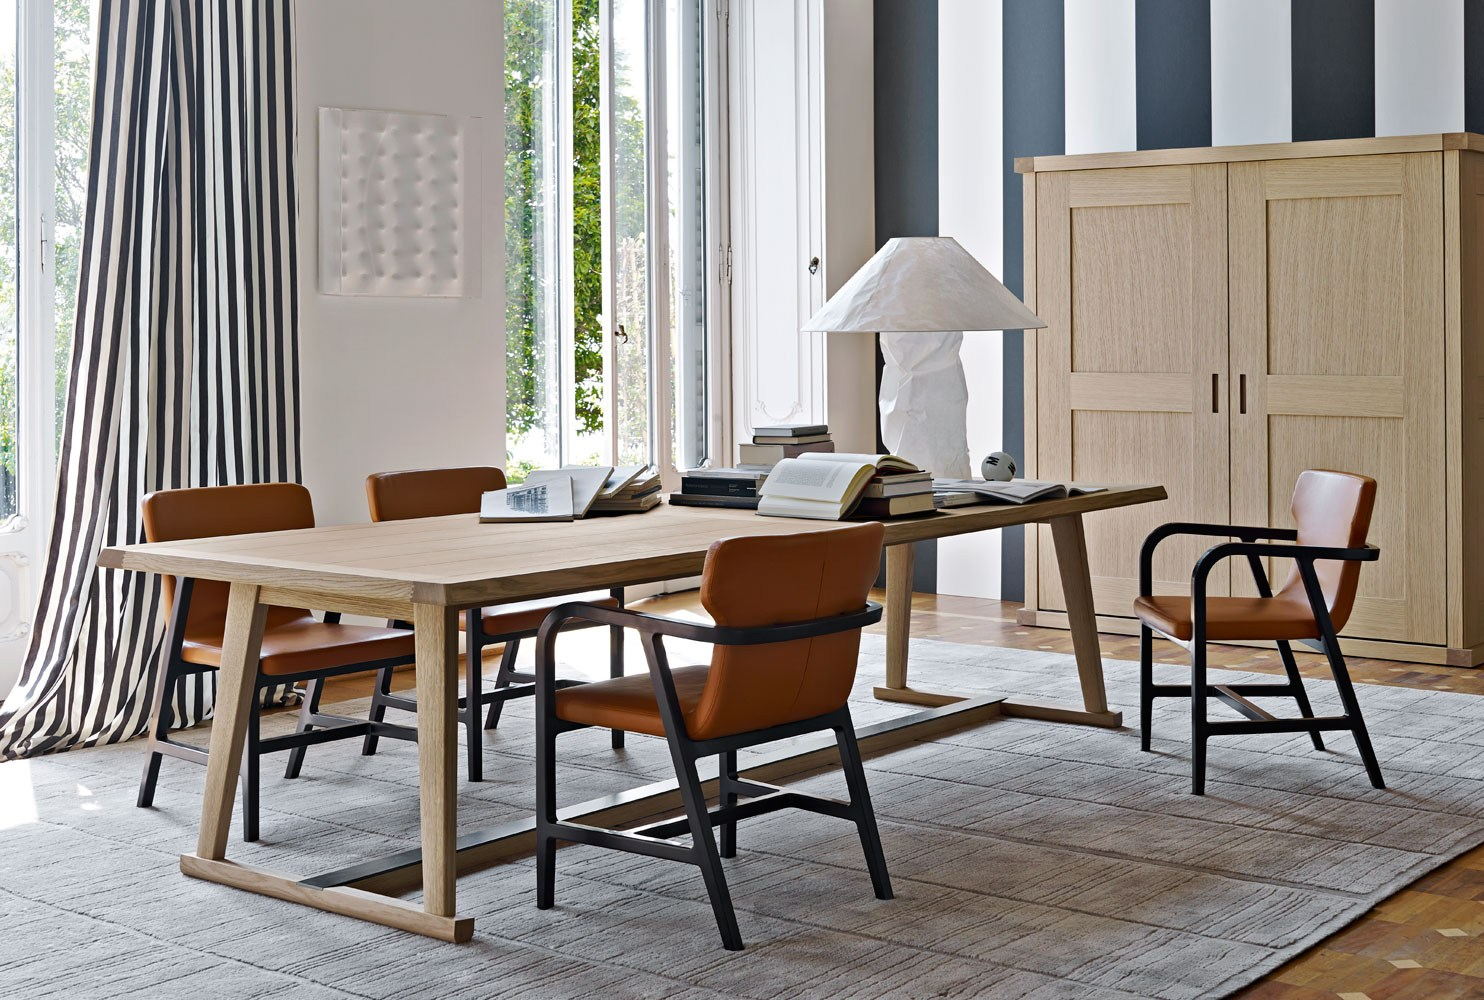 recipio 39 14 table by maxalto a brand of b b italia spa design antonio citterio